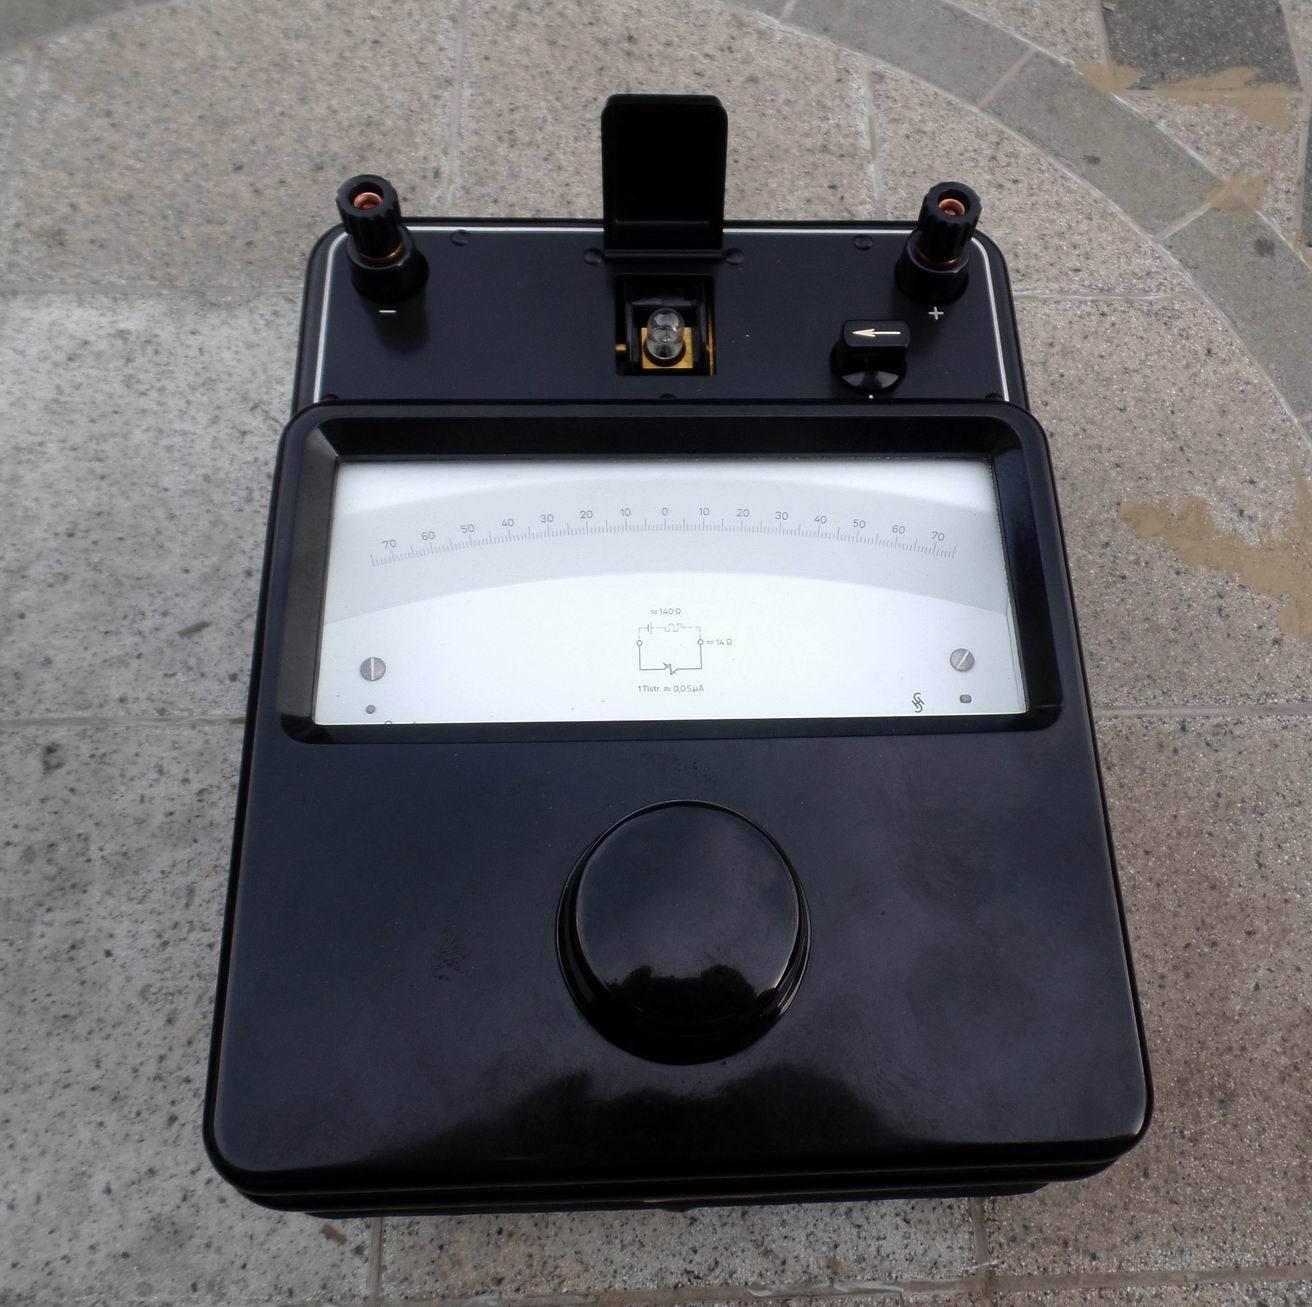 Spiegel - Galvanometer von Siemens